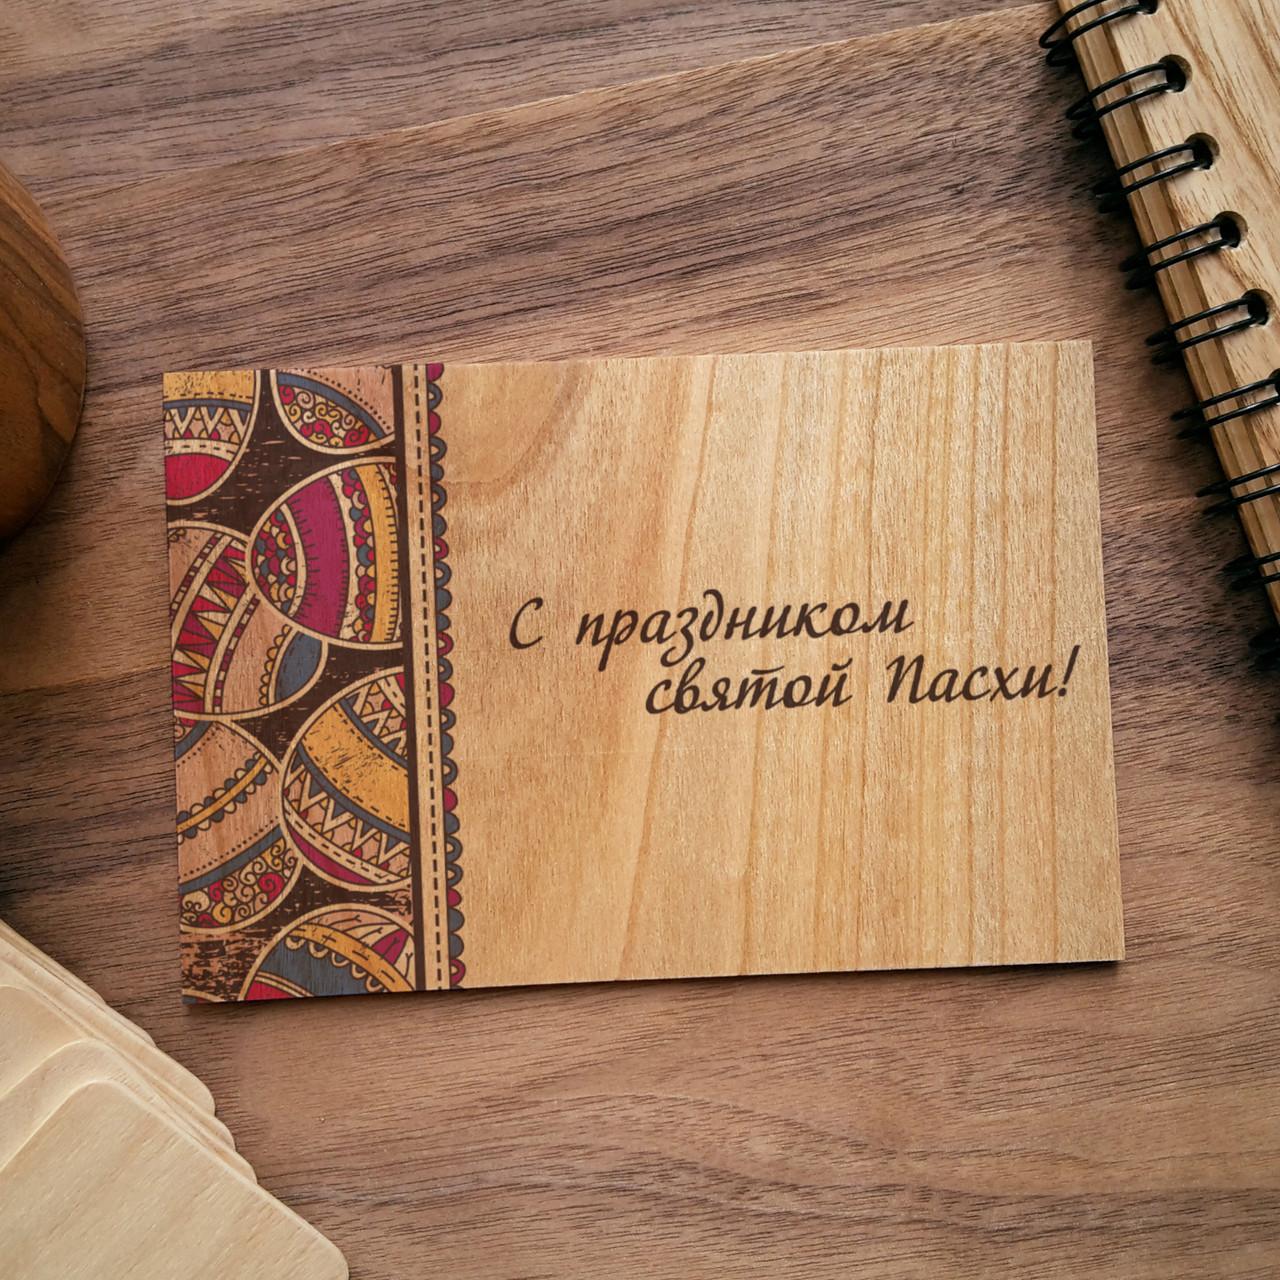 """Деревянная открытка """"Святой Пасхи"""""""